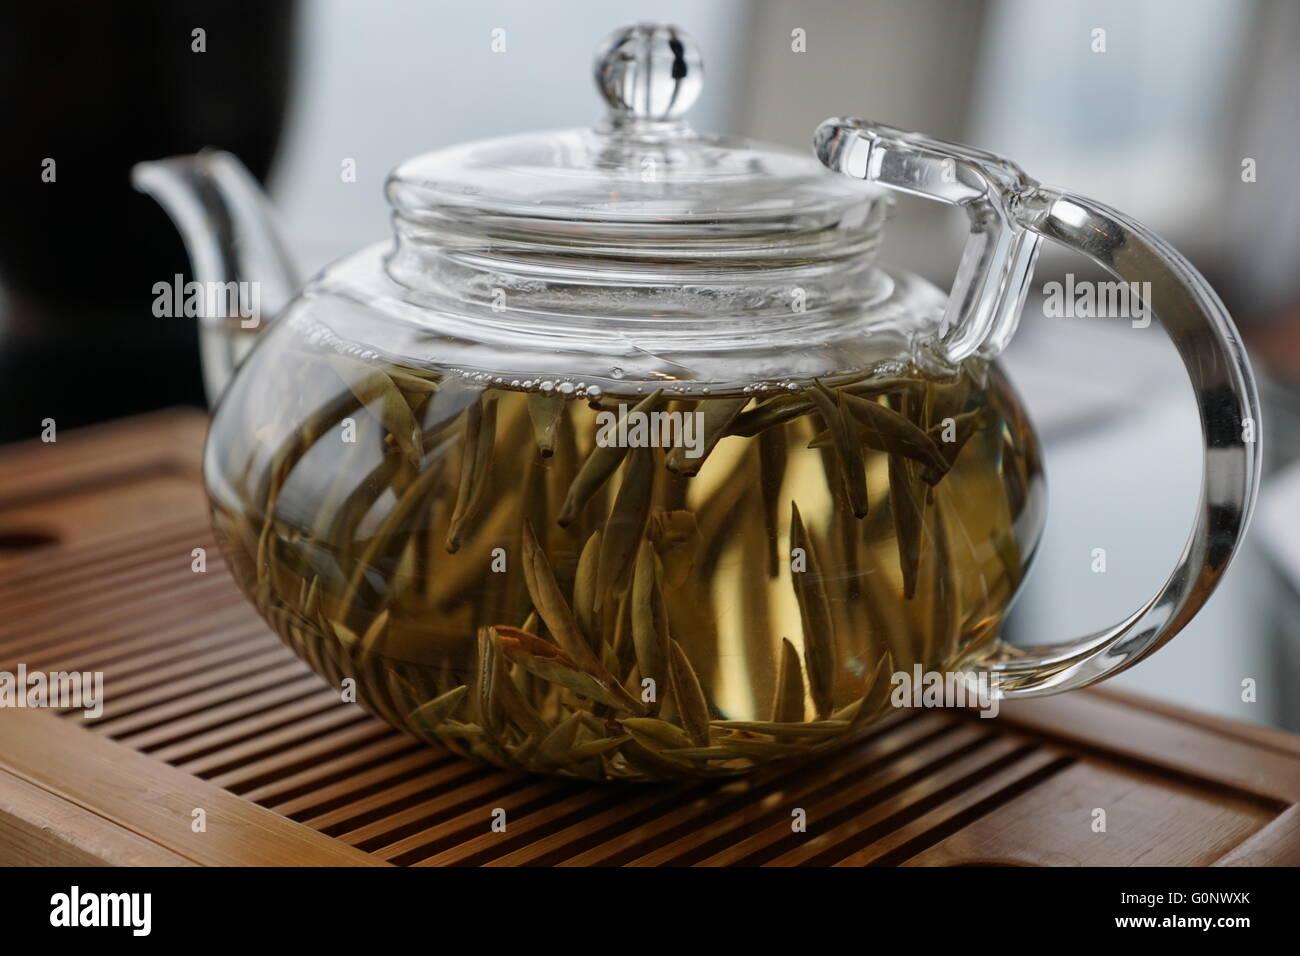 Tea pot with posh white tea - Stock Image